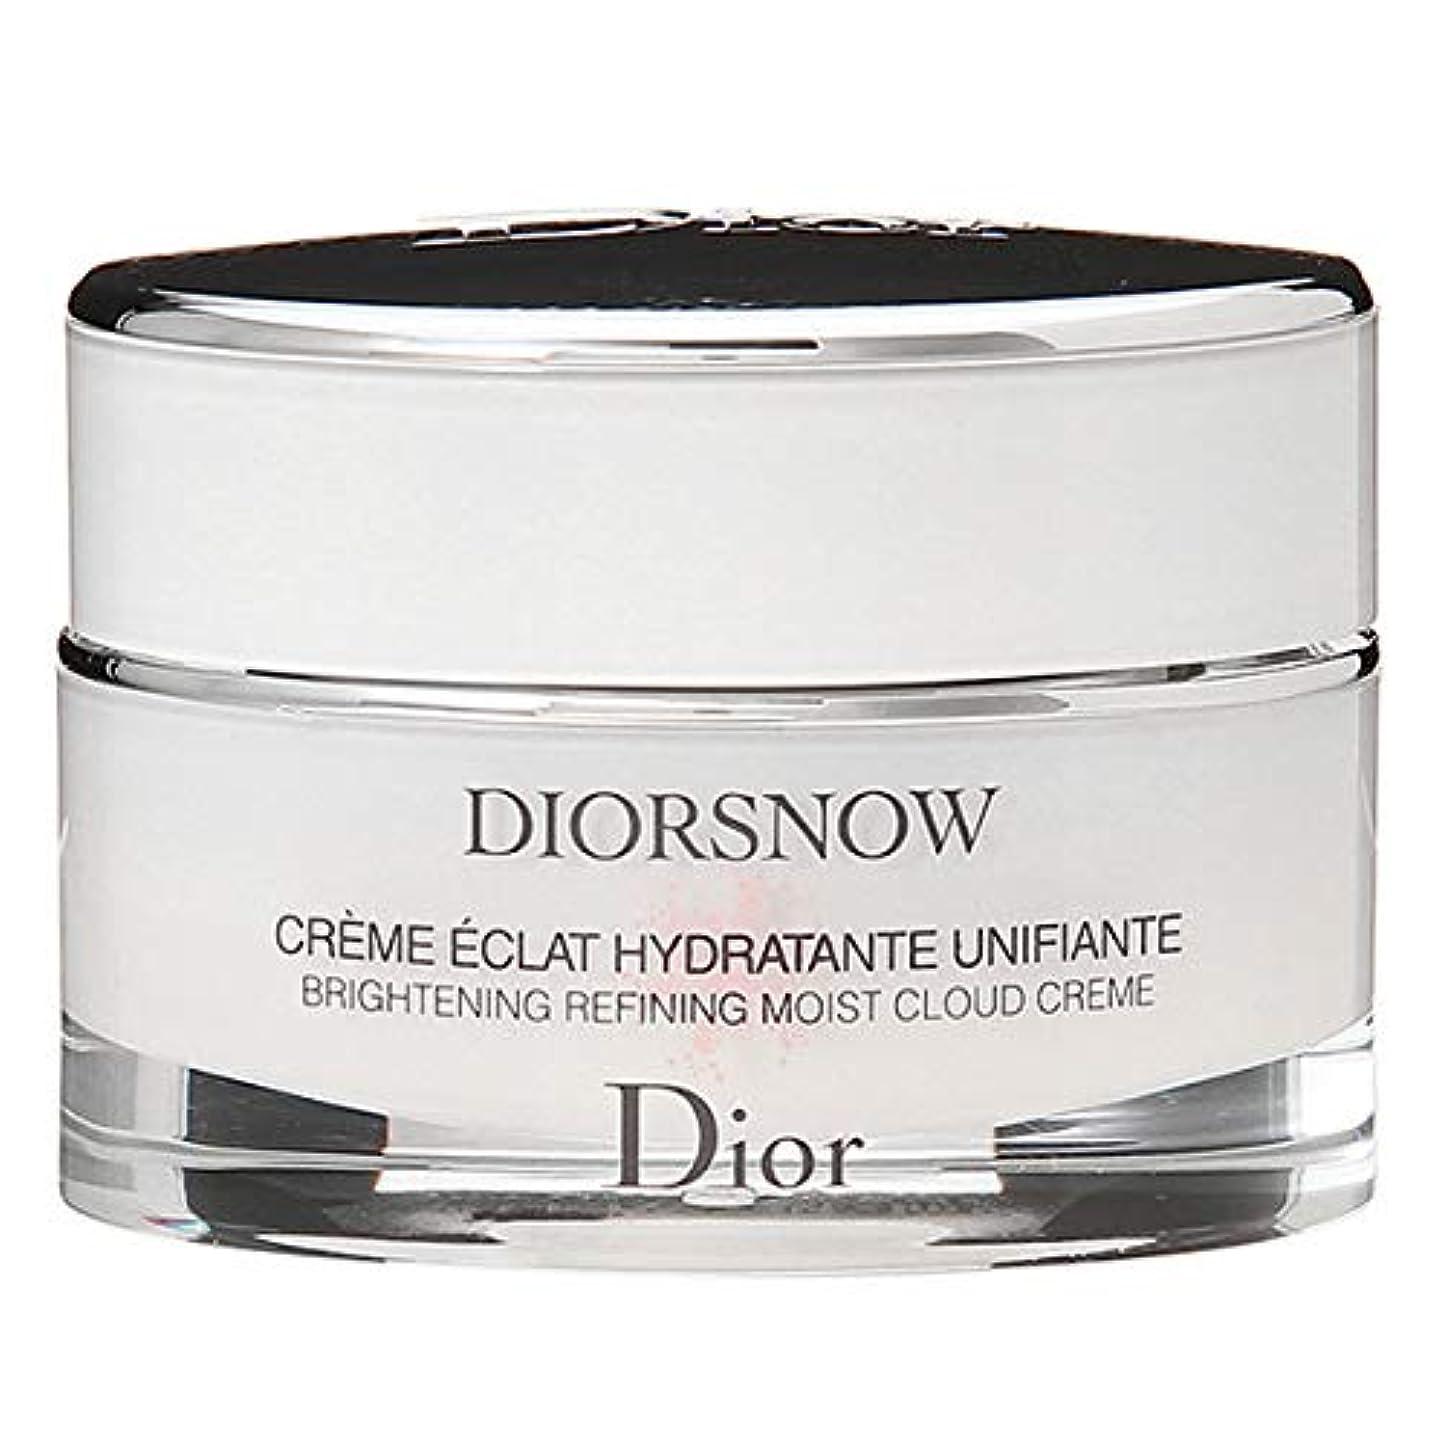 統治可能胆嚢率直なクリスチャンディオール Christian Dior ディオール スノー ブライトニング モイスト クリーム 50mL 【並行輸入品】